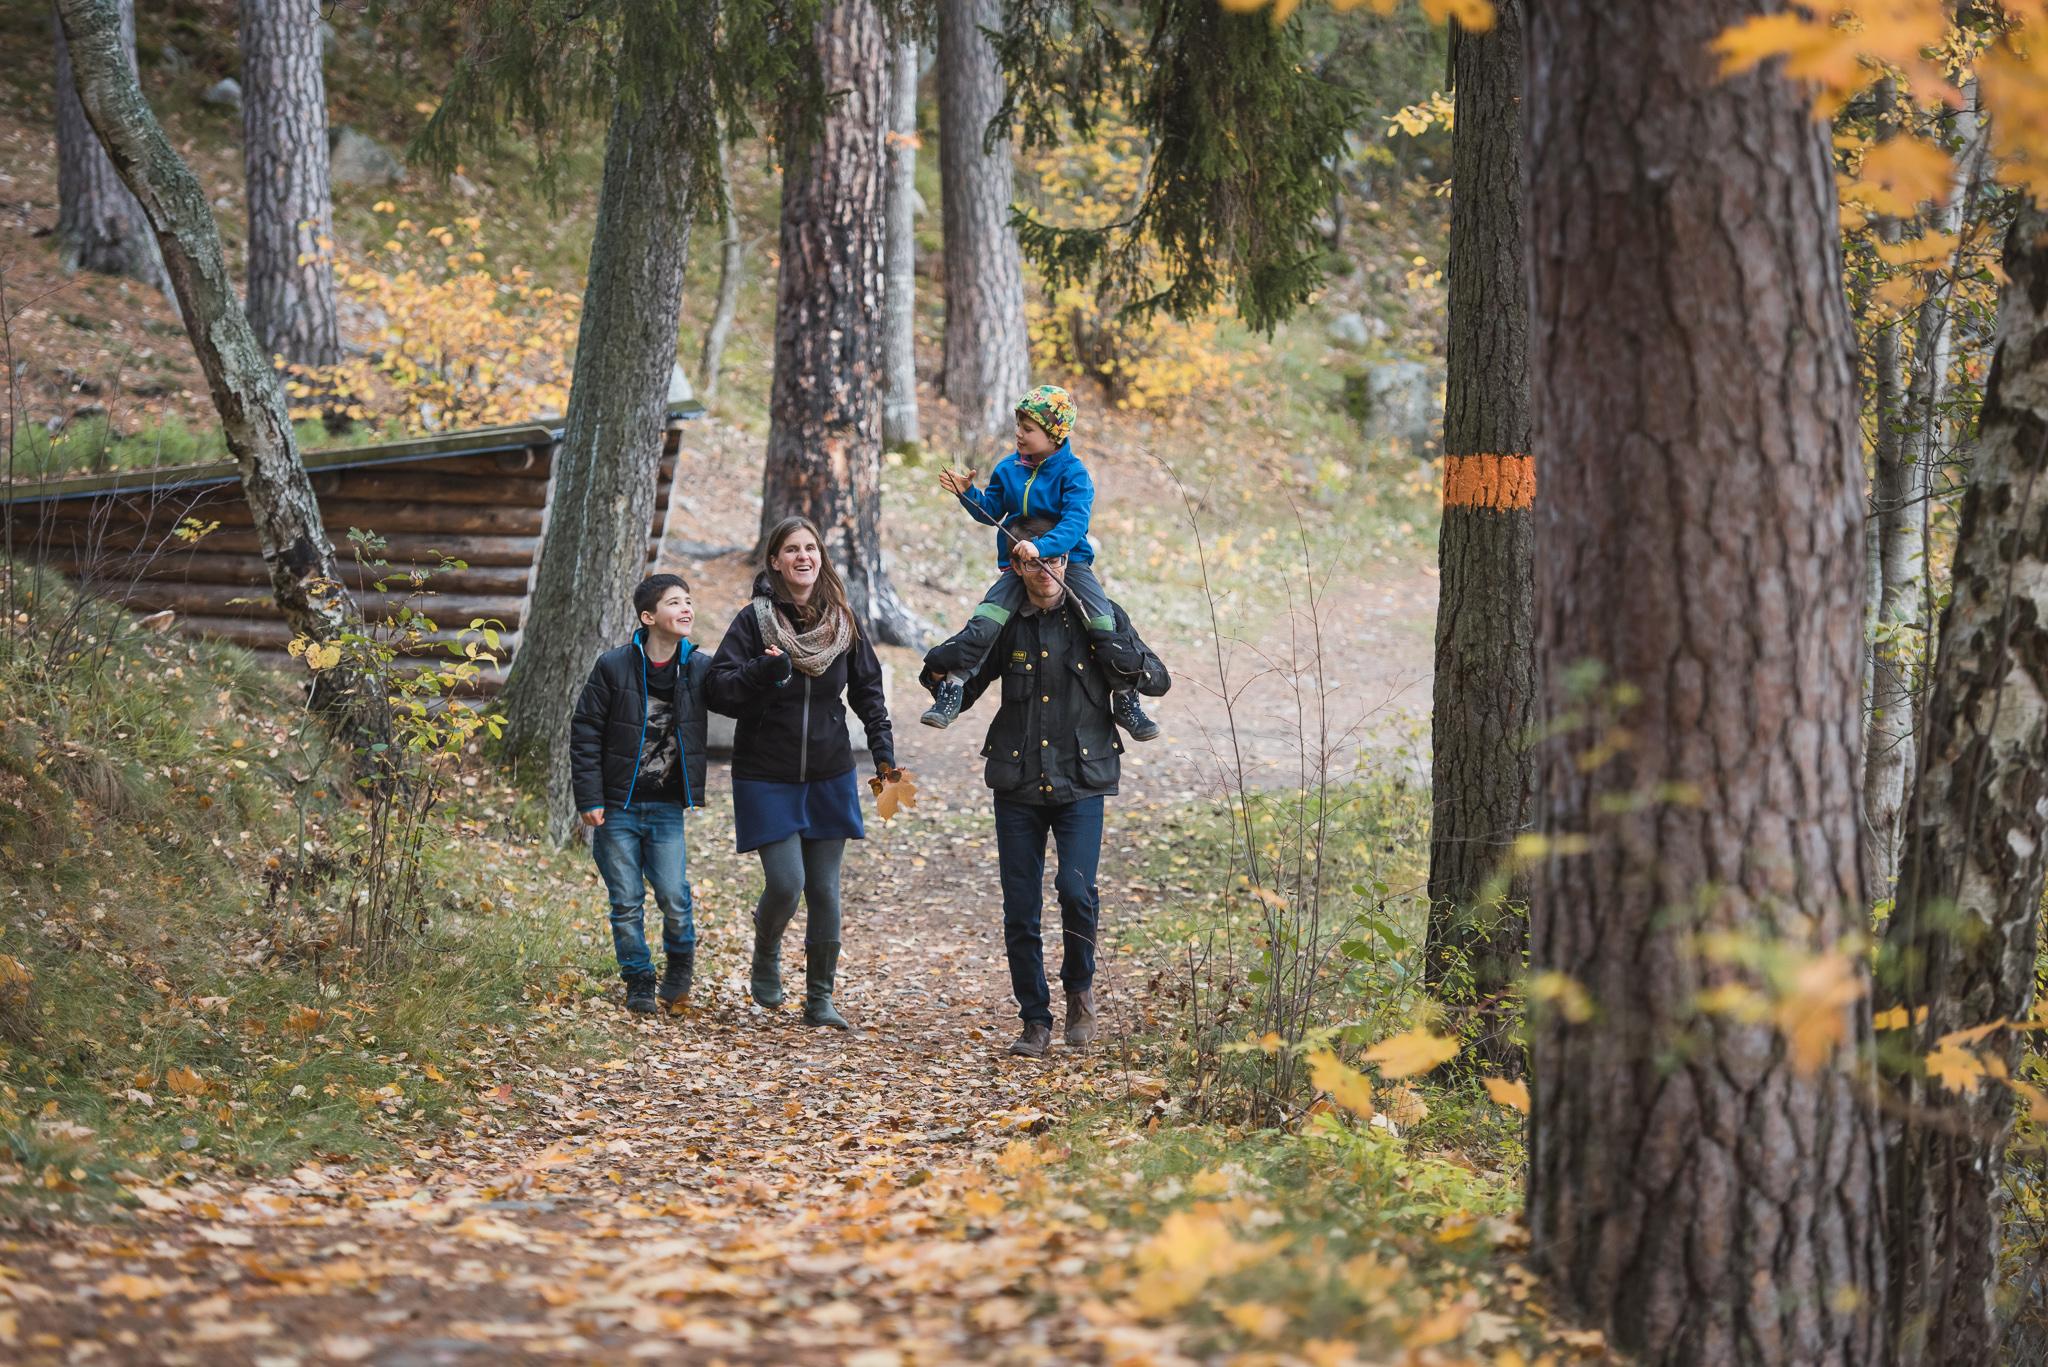 sondagspromenad med familjen pa upplandsleden